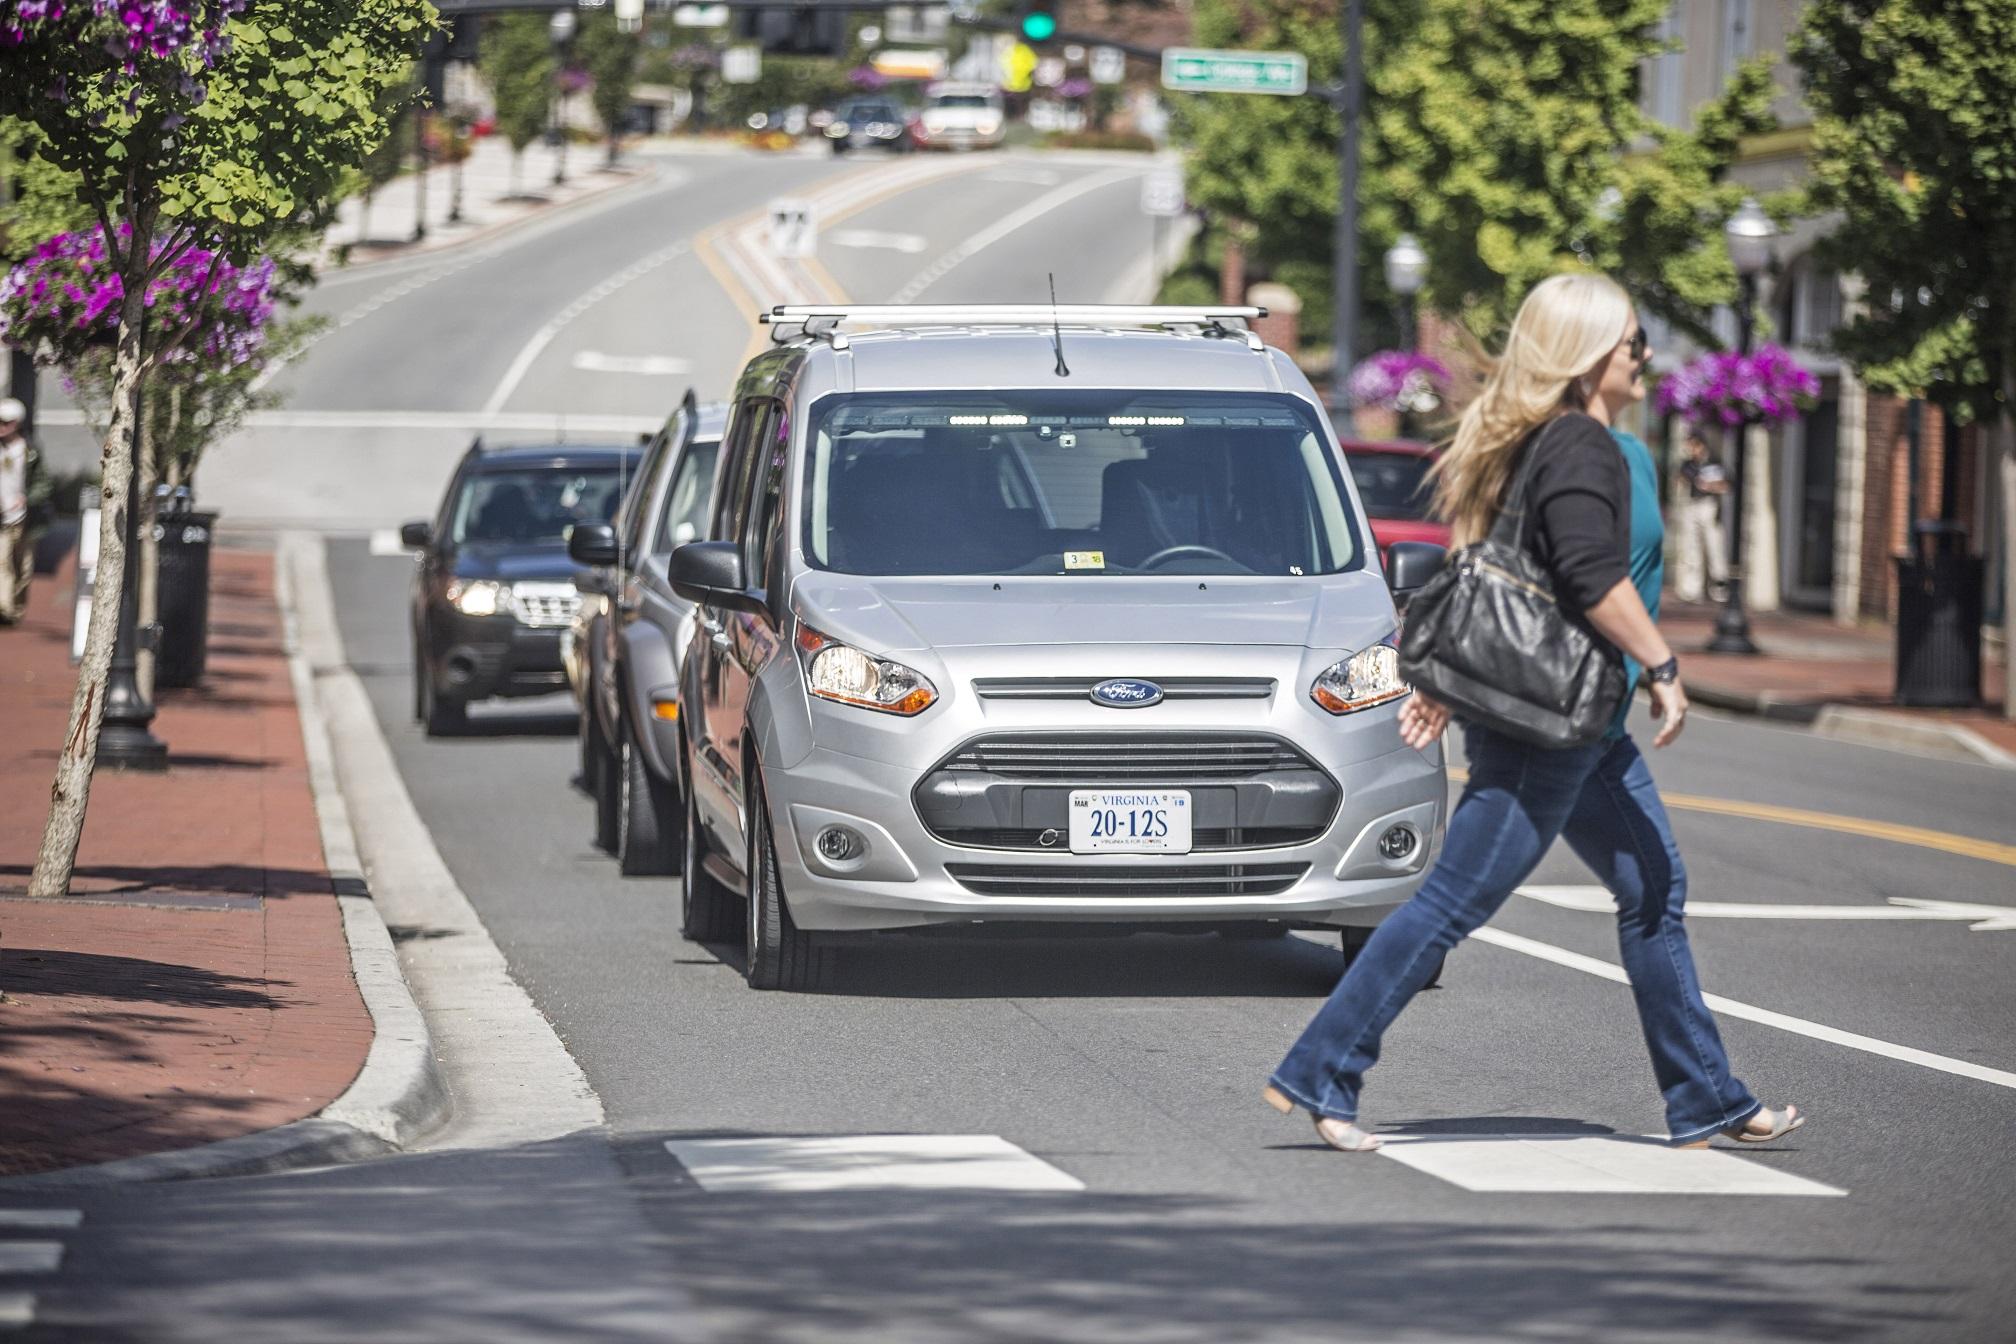 Un conducteur fantôme pour tester la voiture autonome — Ford